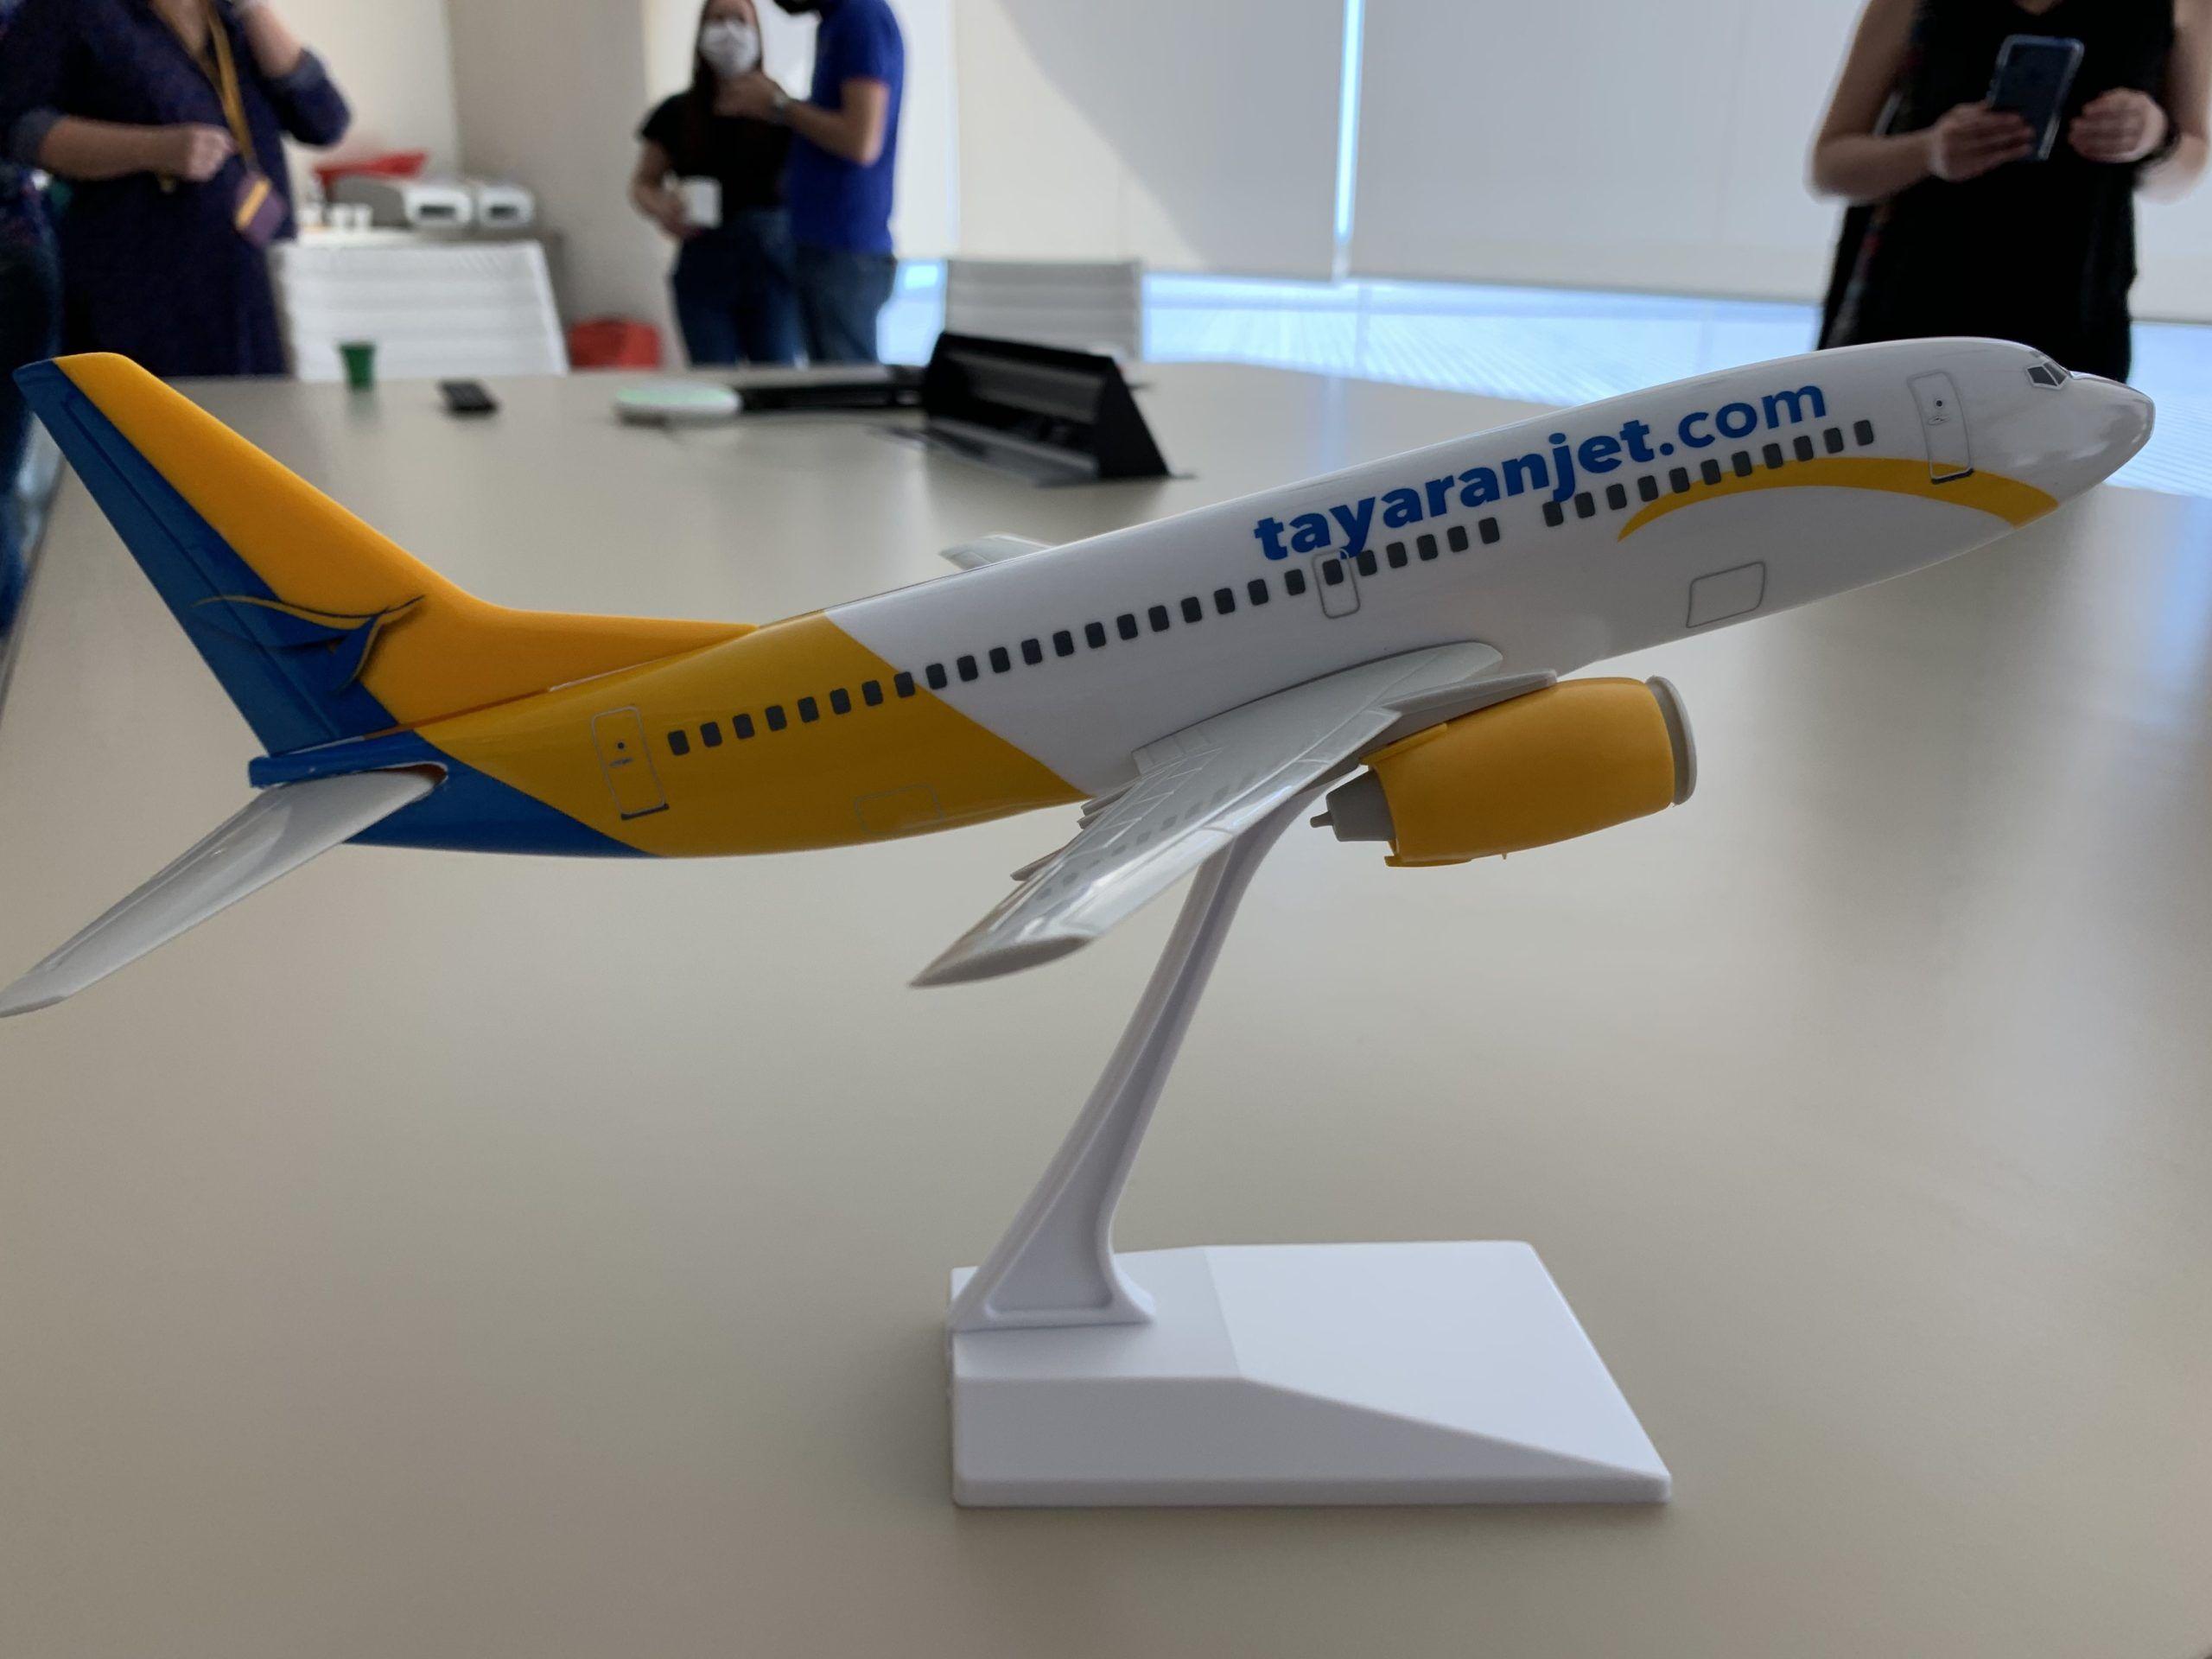 Presentati i nuovi voli della compagnia Tayaran Jet su Palermo, Comiso e Catania